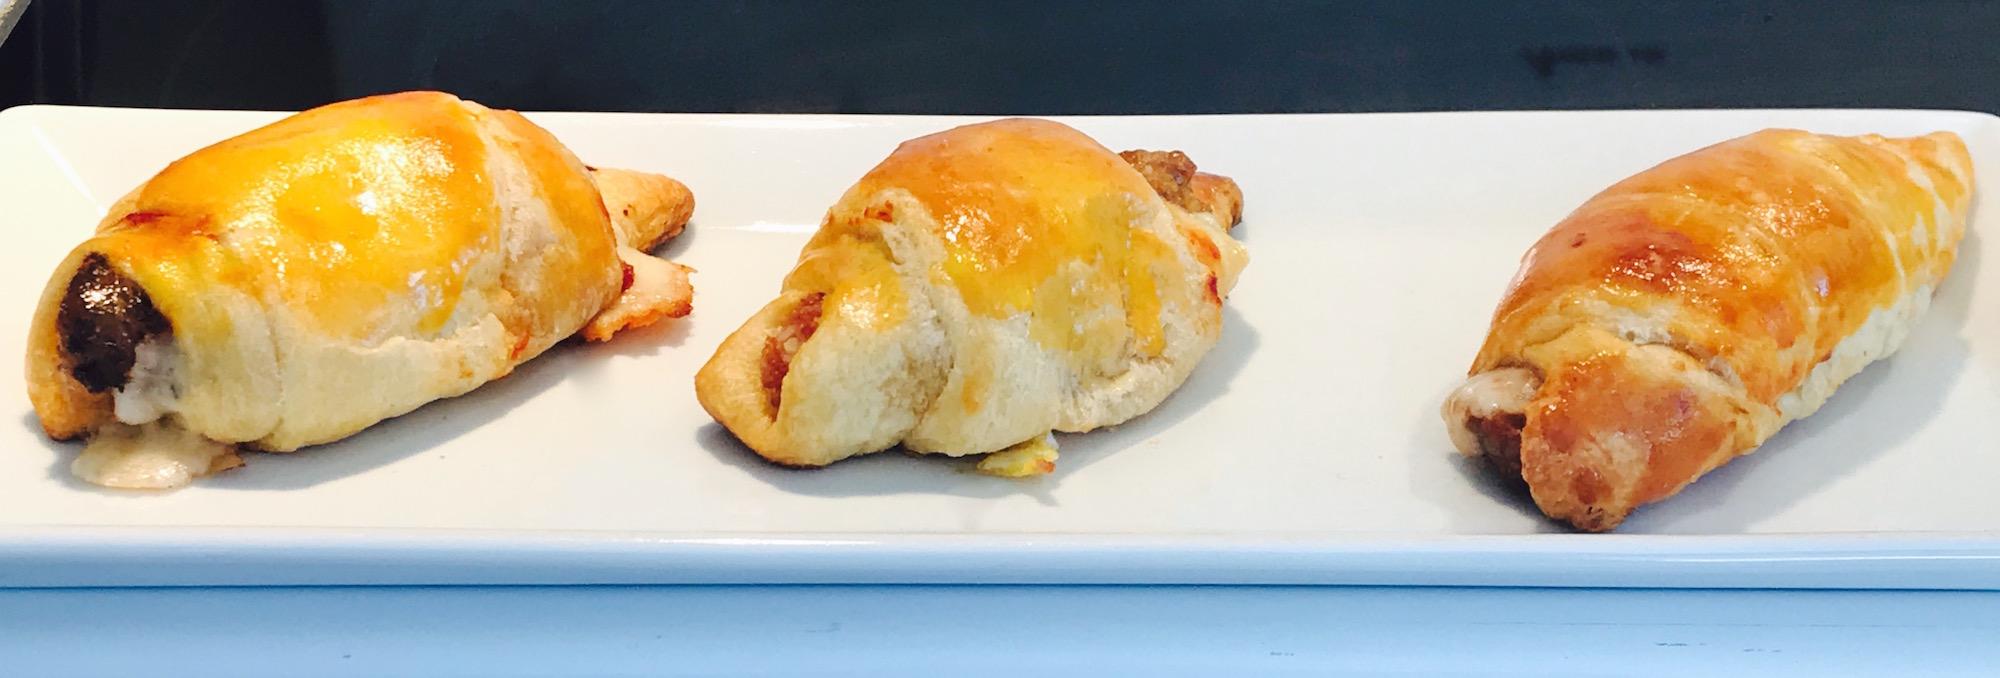 Photo Recette Croissants Saucisses Piquantes Style Pizza